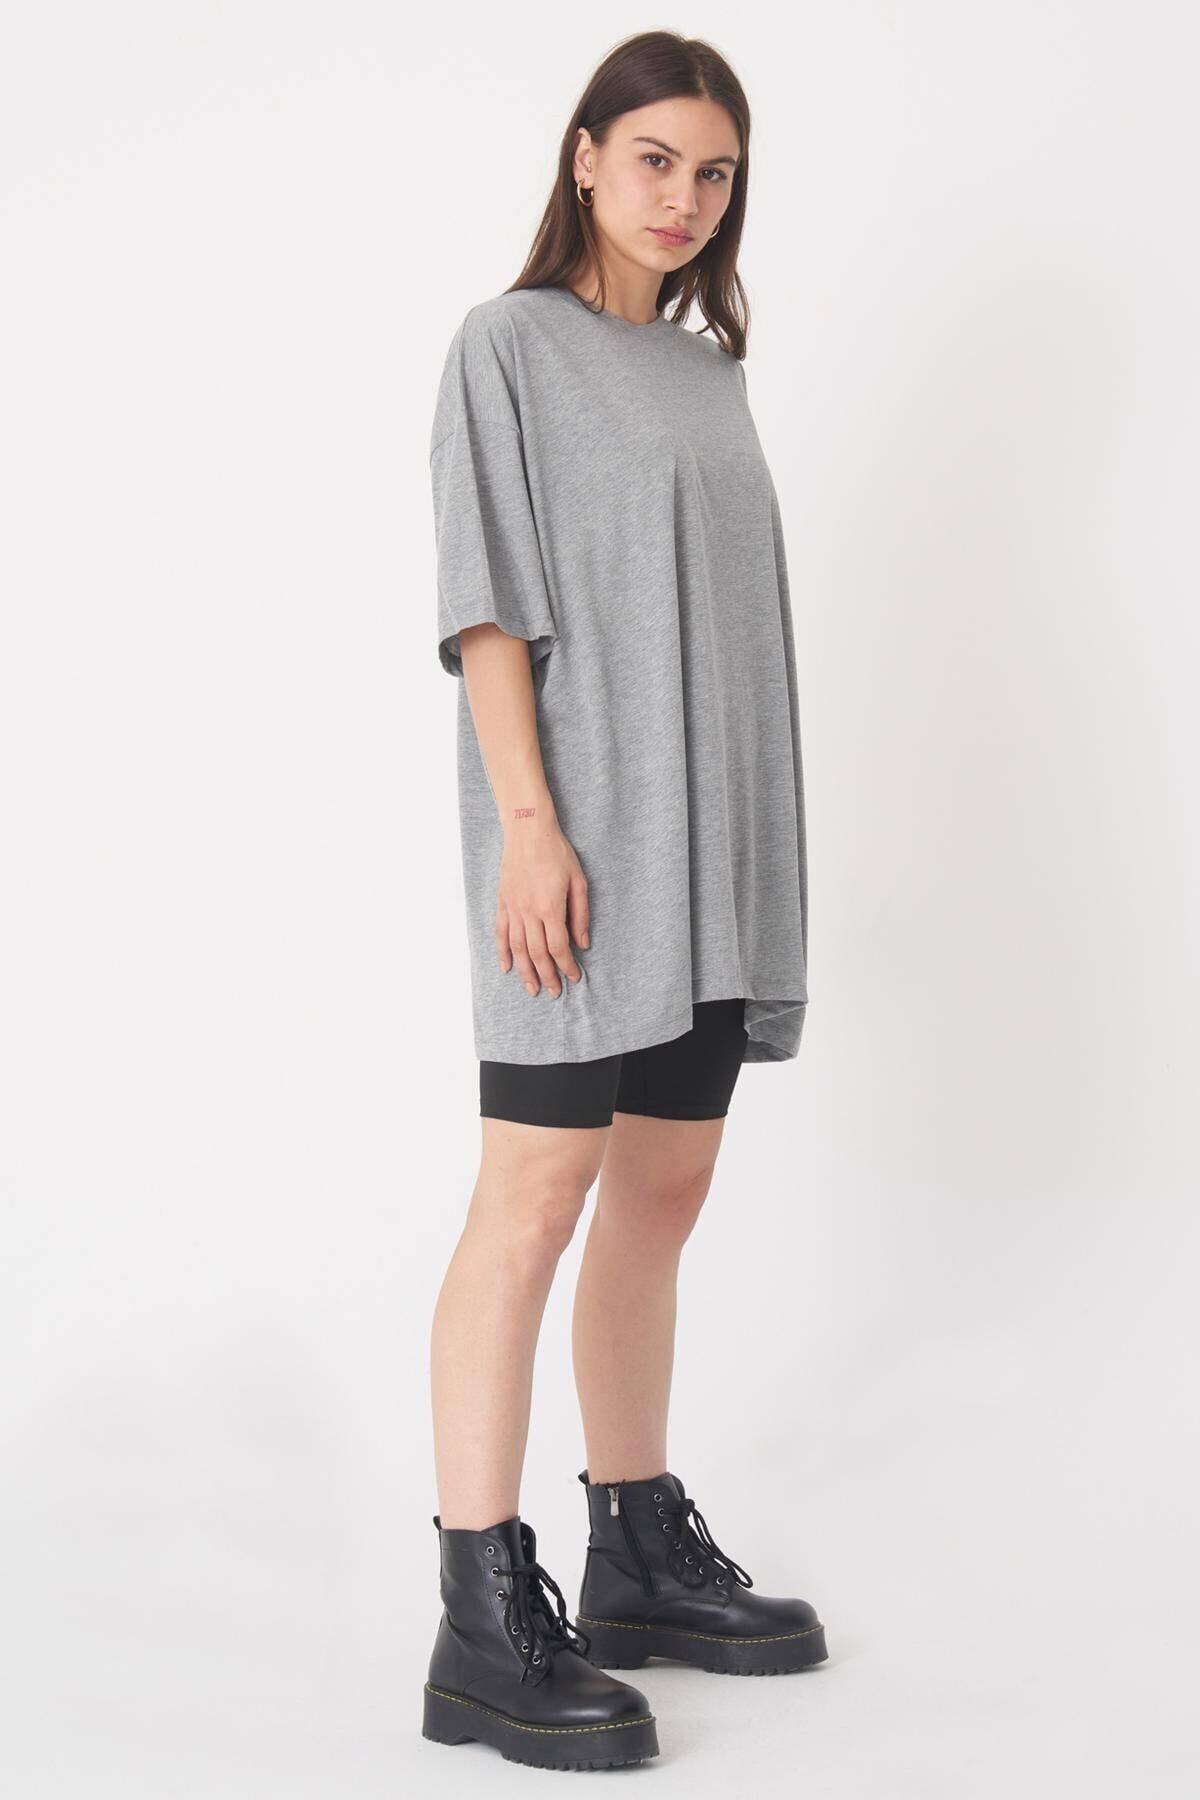 Addax Oversize T-shirt P0731 - G6k7 1